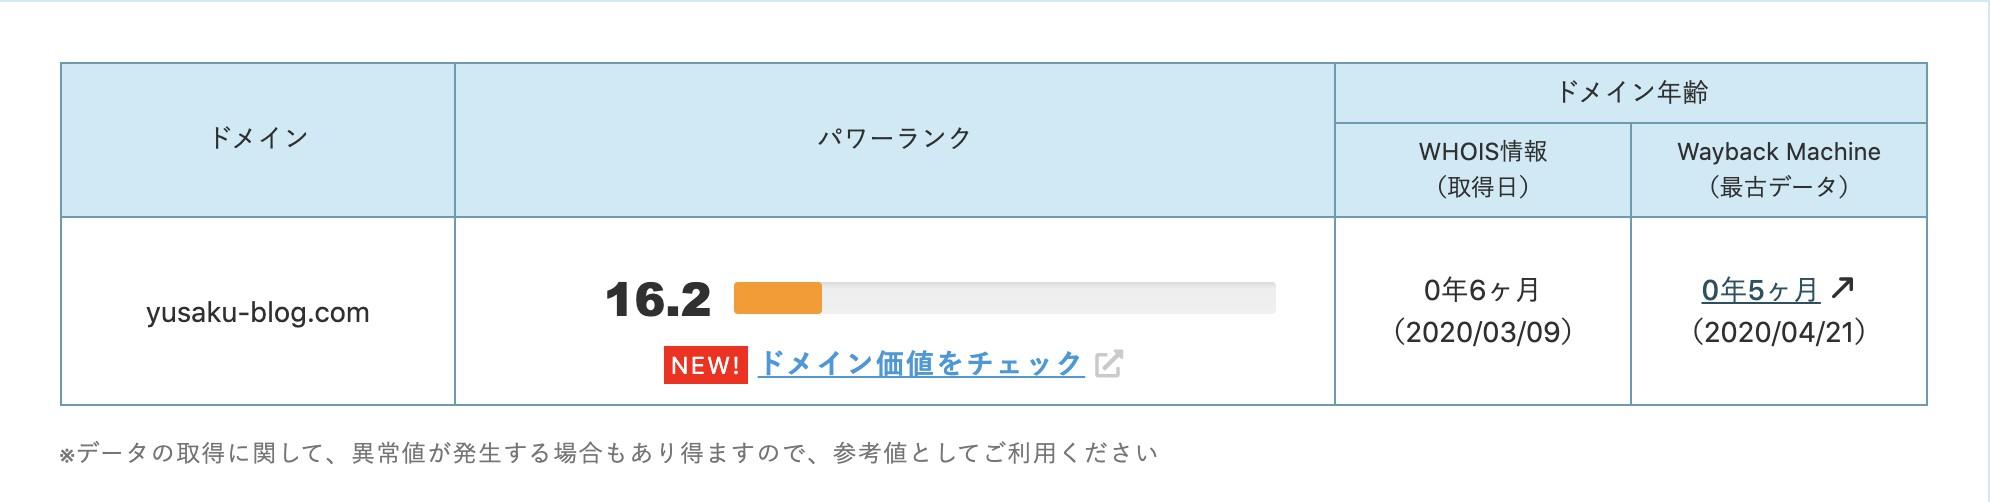 YusakuBlogのドメインパワー